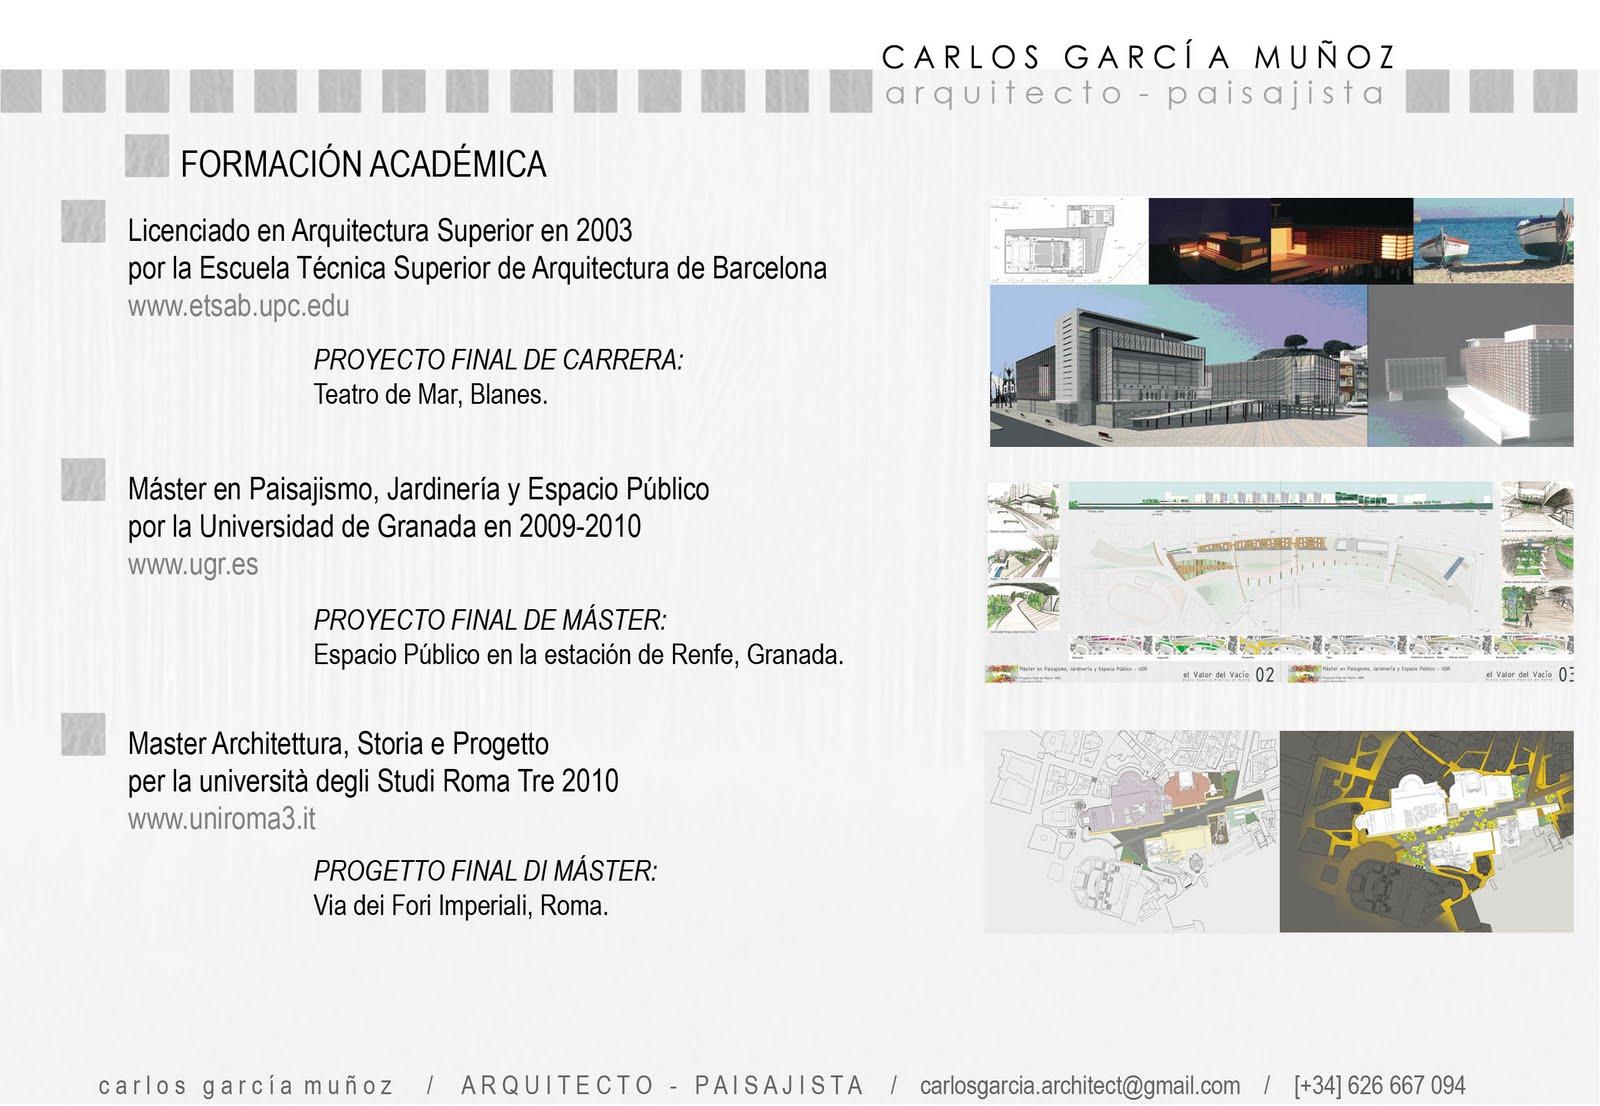 Carlosgarcia arquitecto curriculum vitae - Master en paisajismo ...